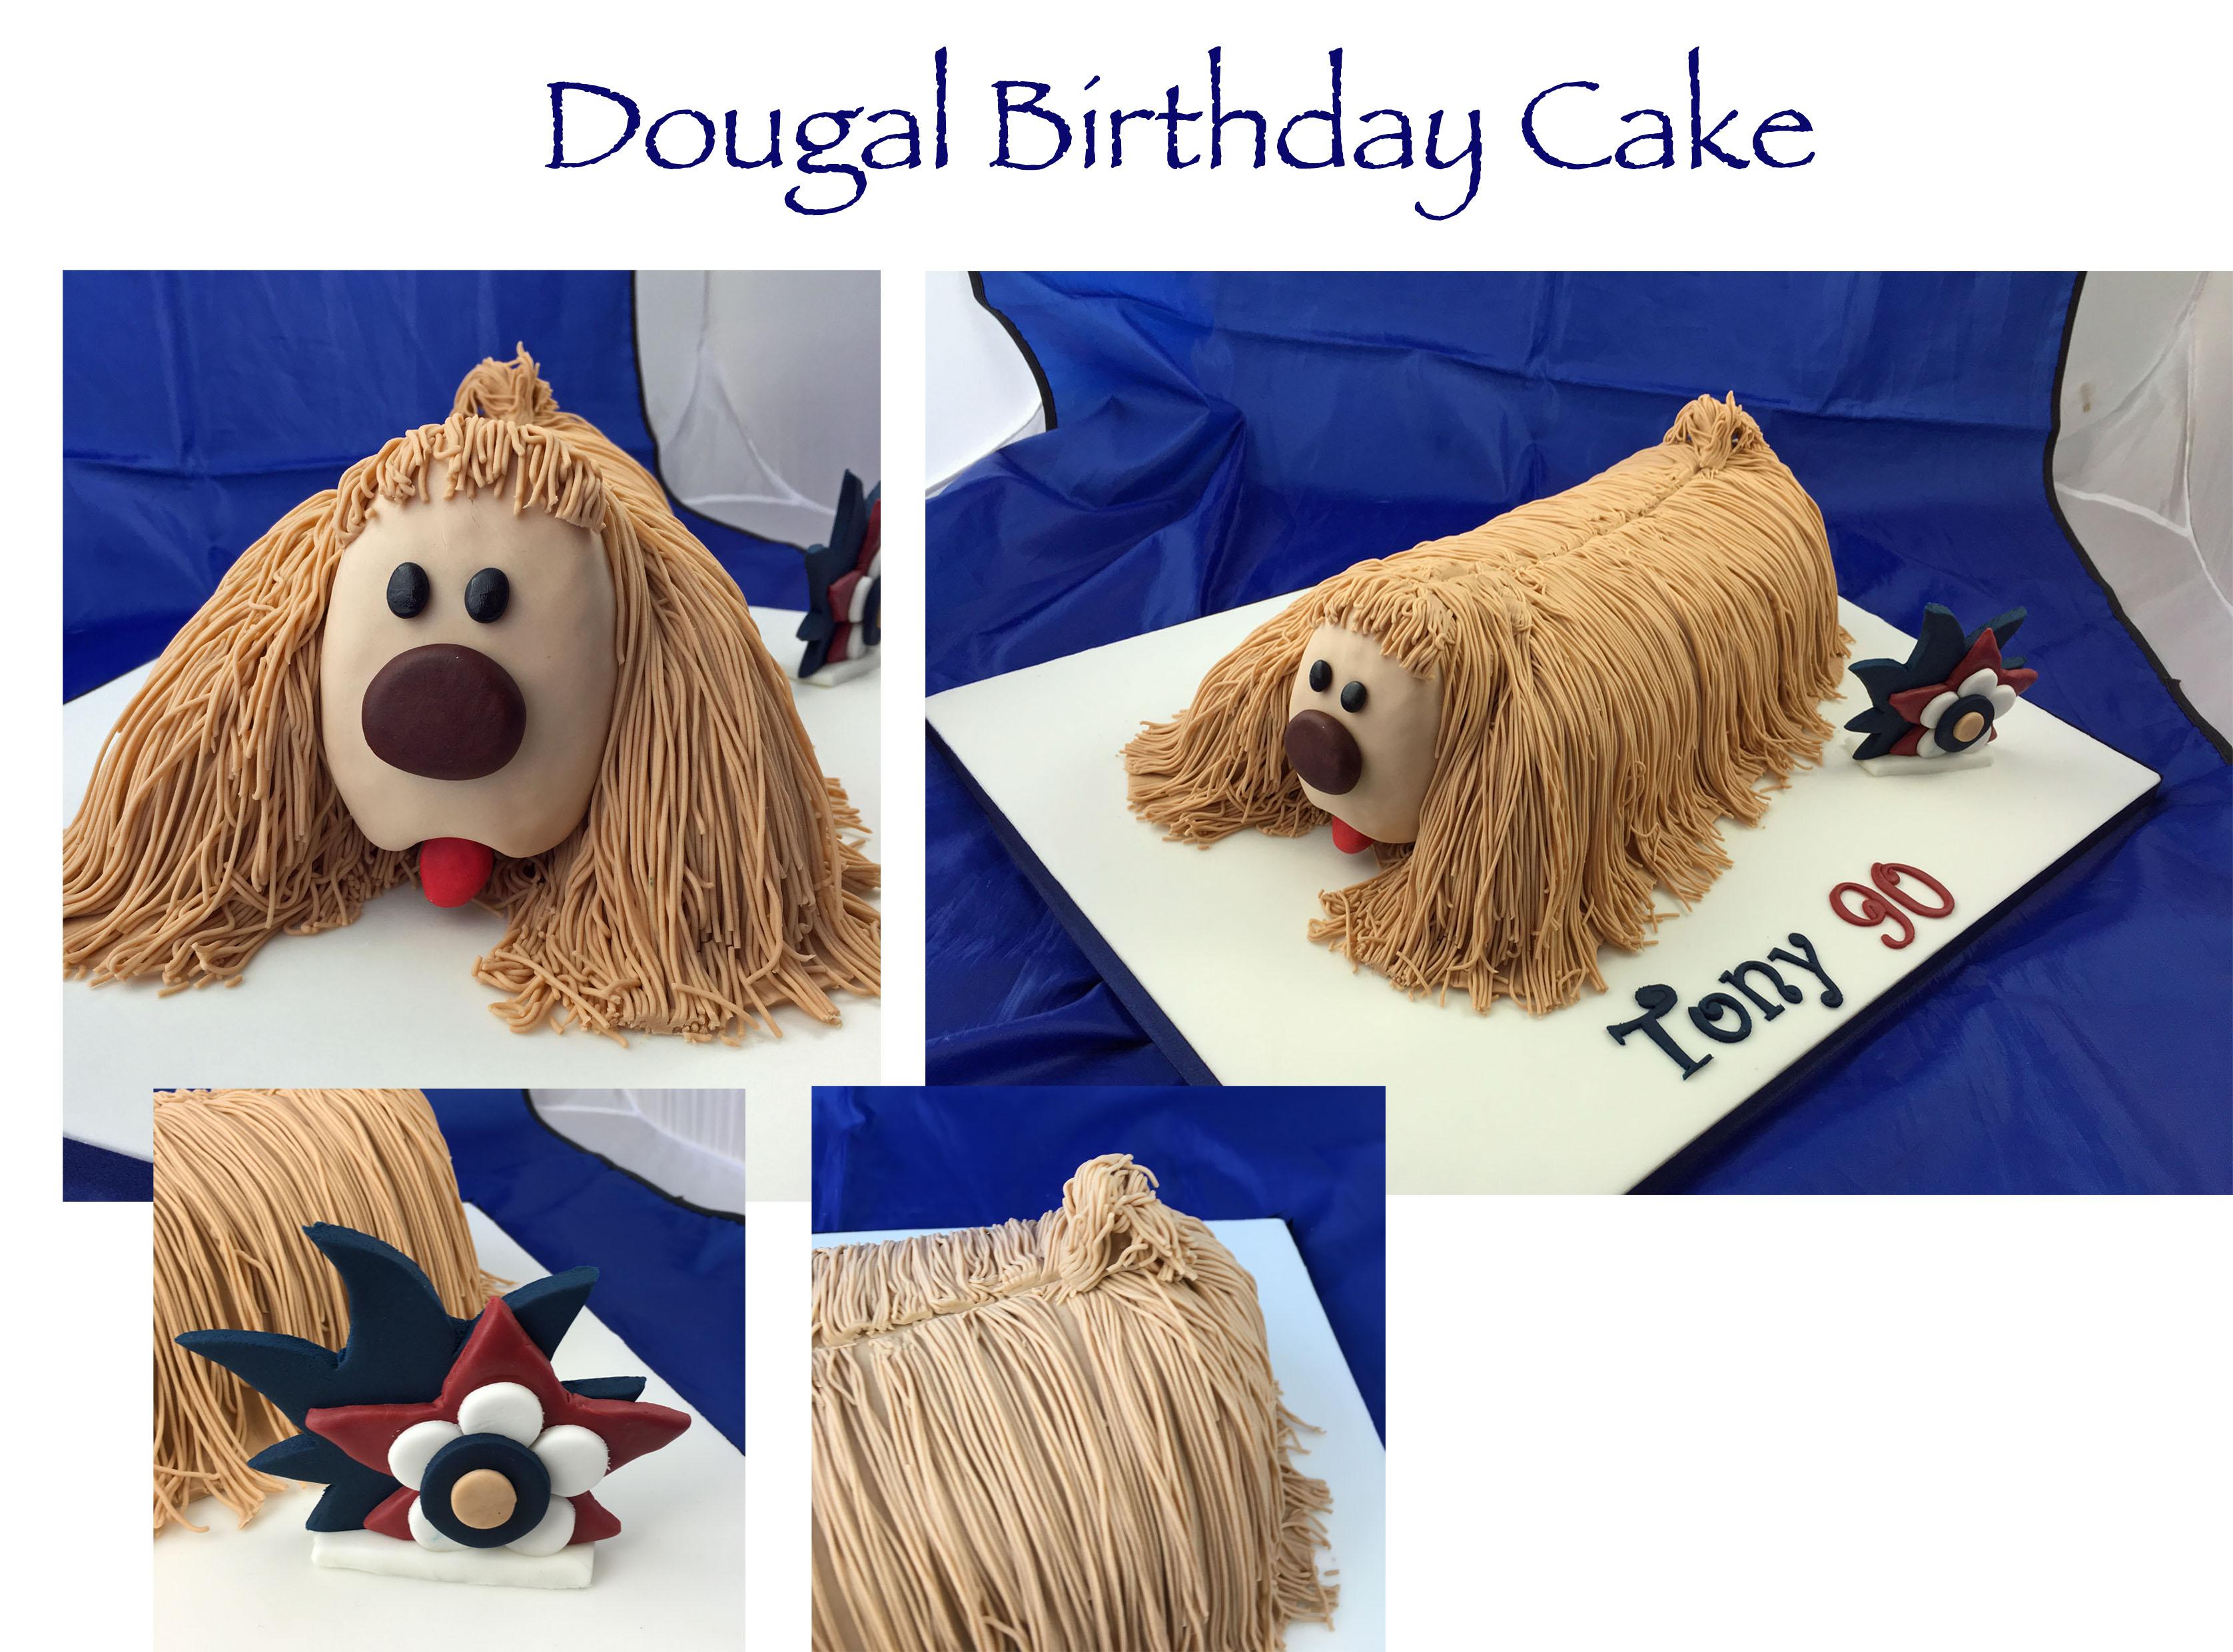 Dougal Birthday Cake